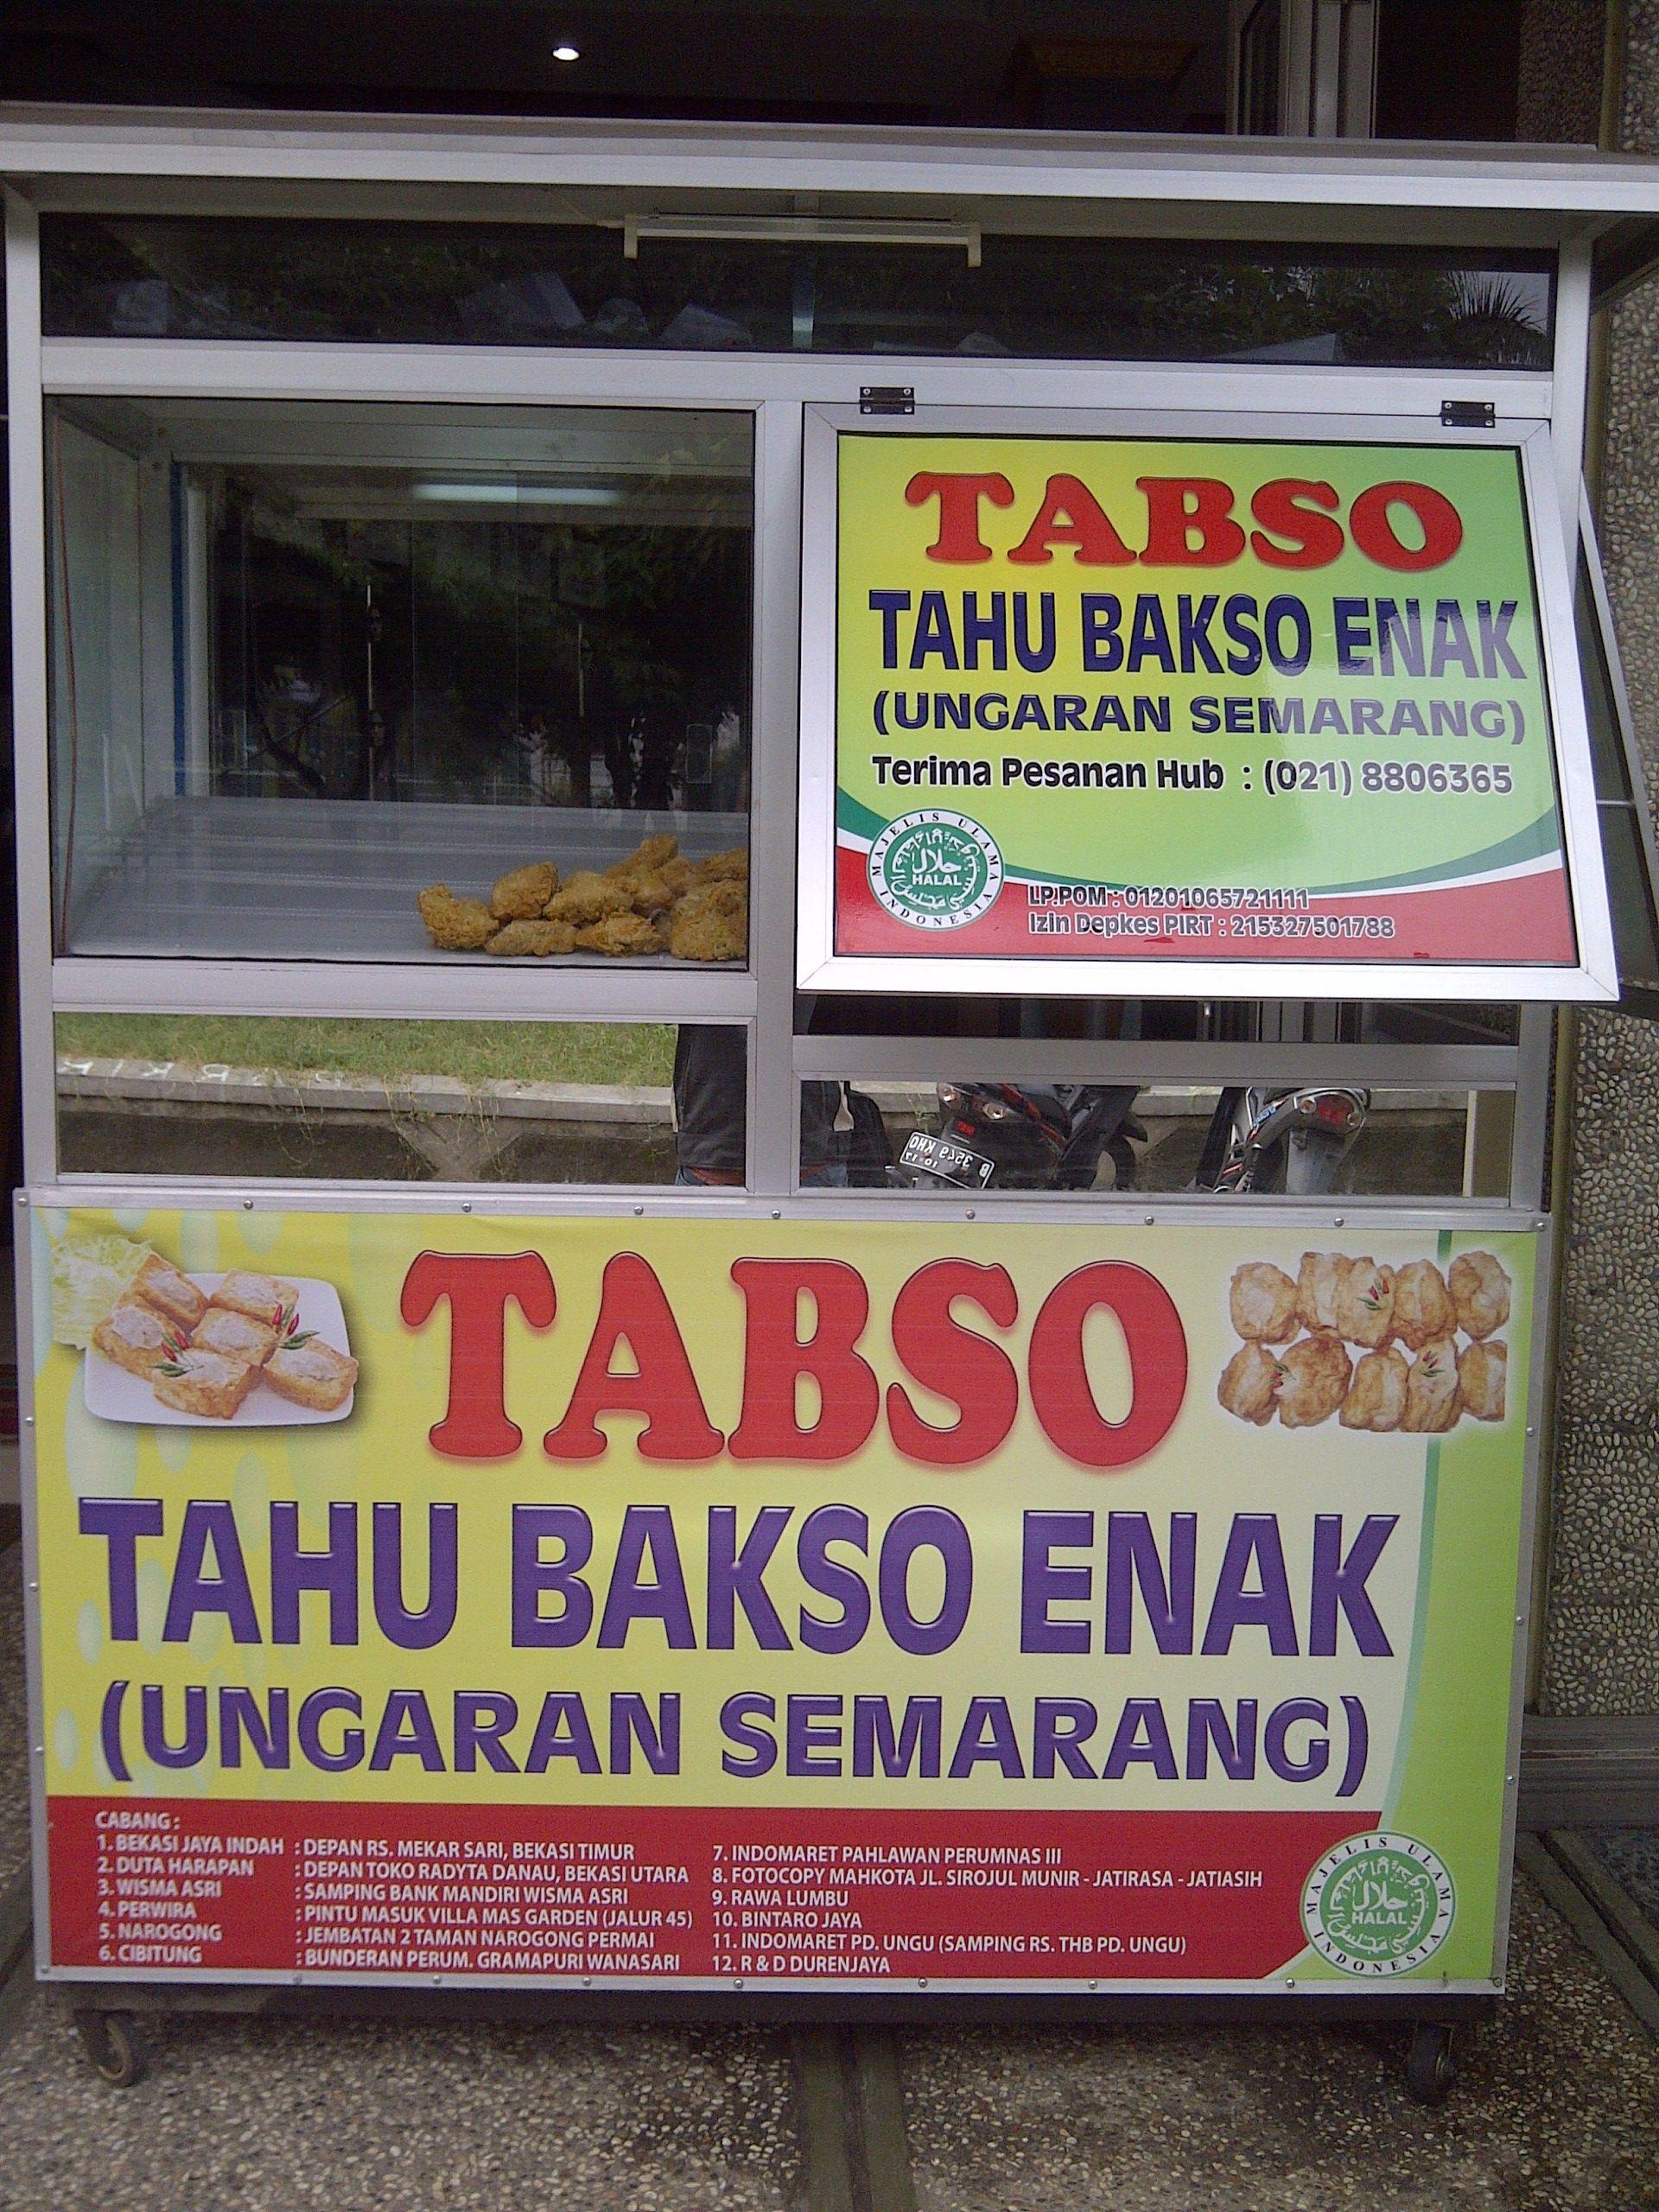 Contoh Spanduk Tahu Bakso Desain Banner Kekinian Cute766